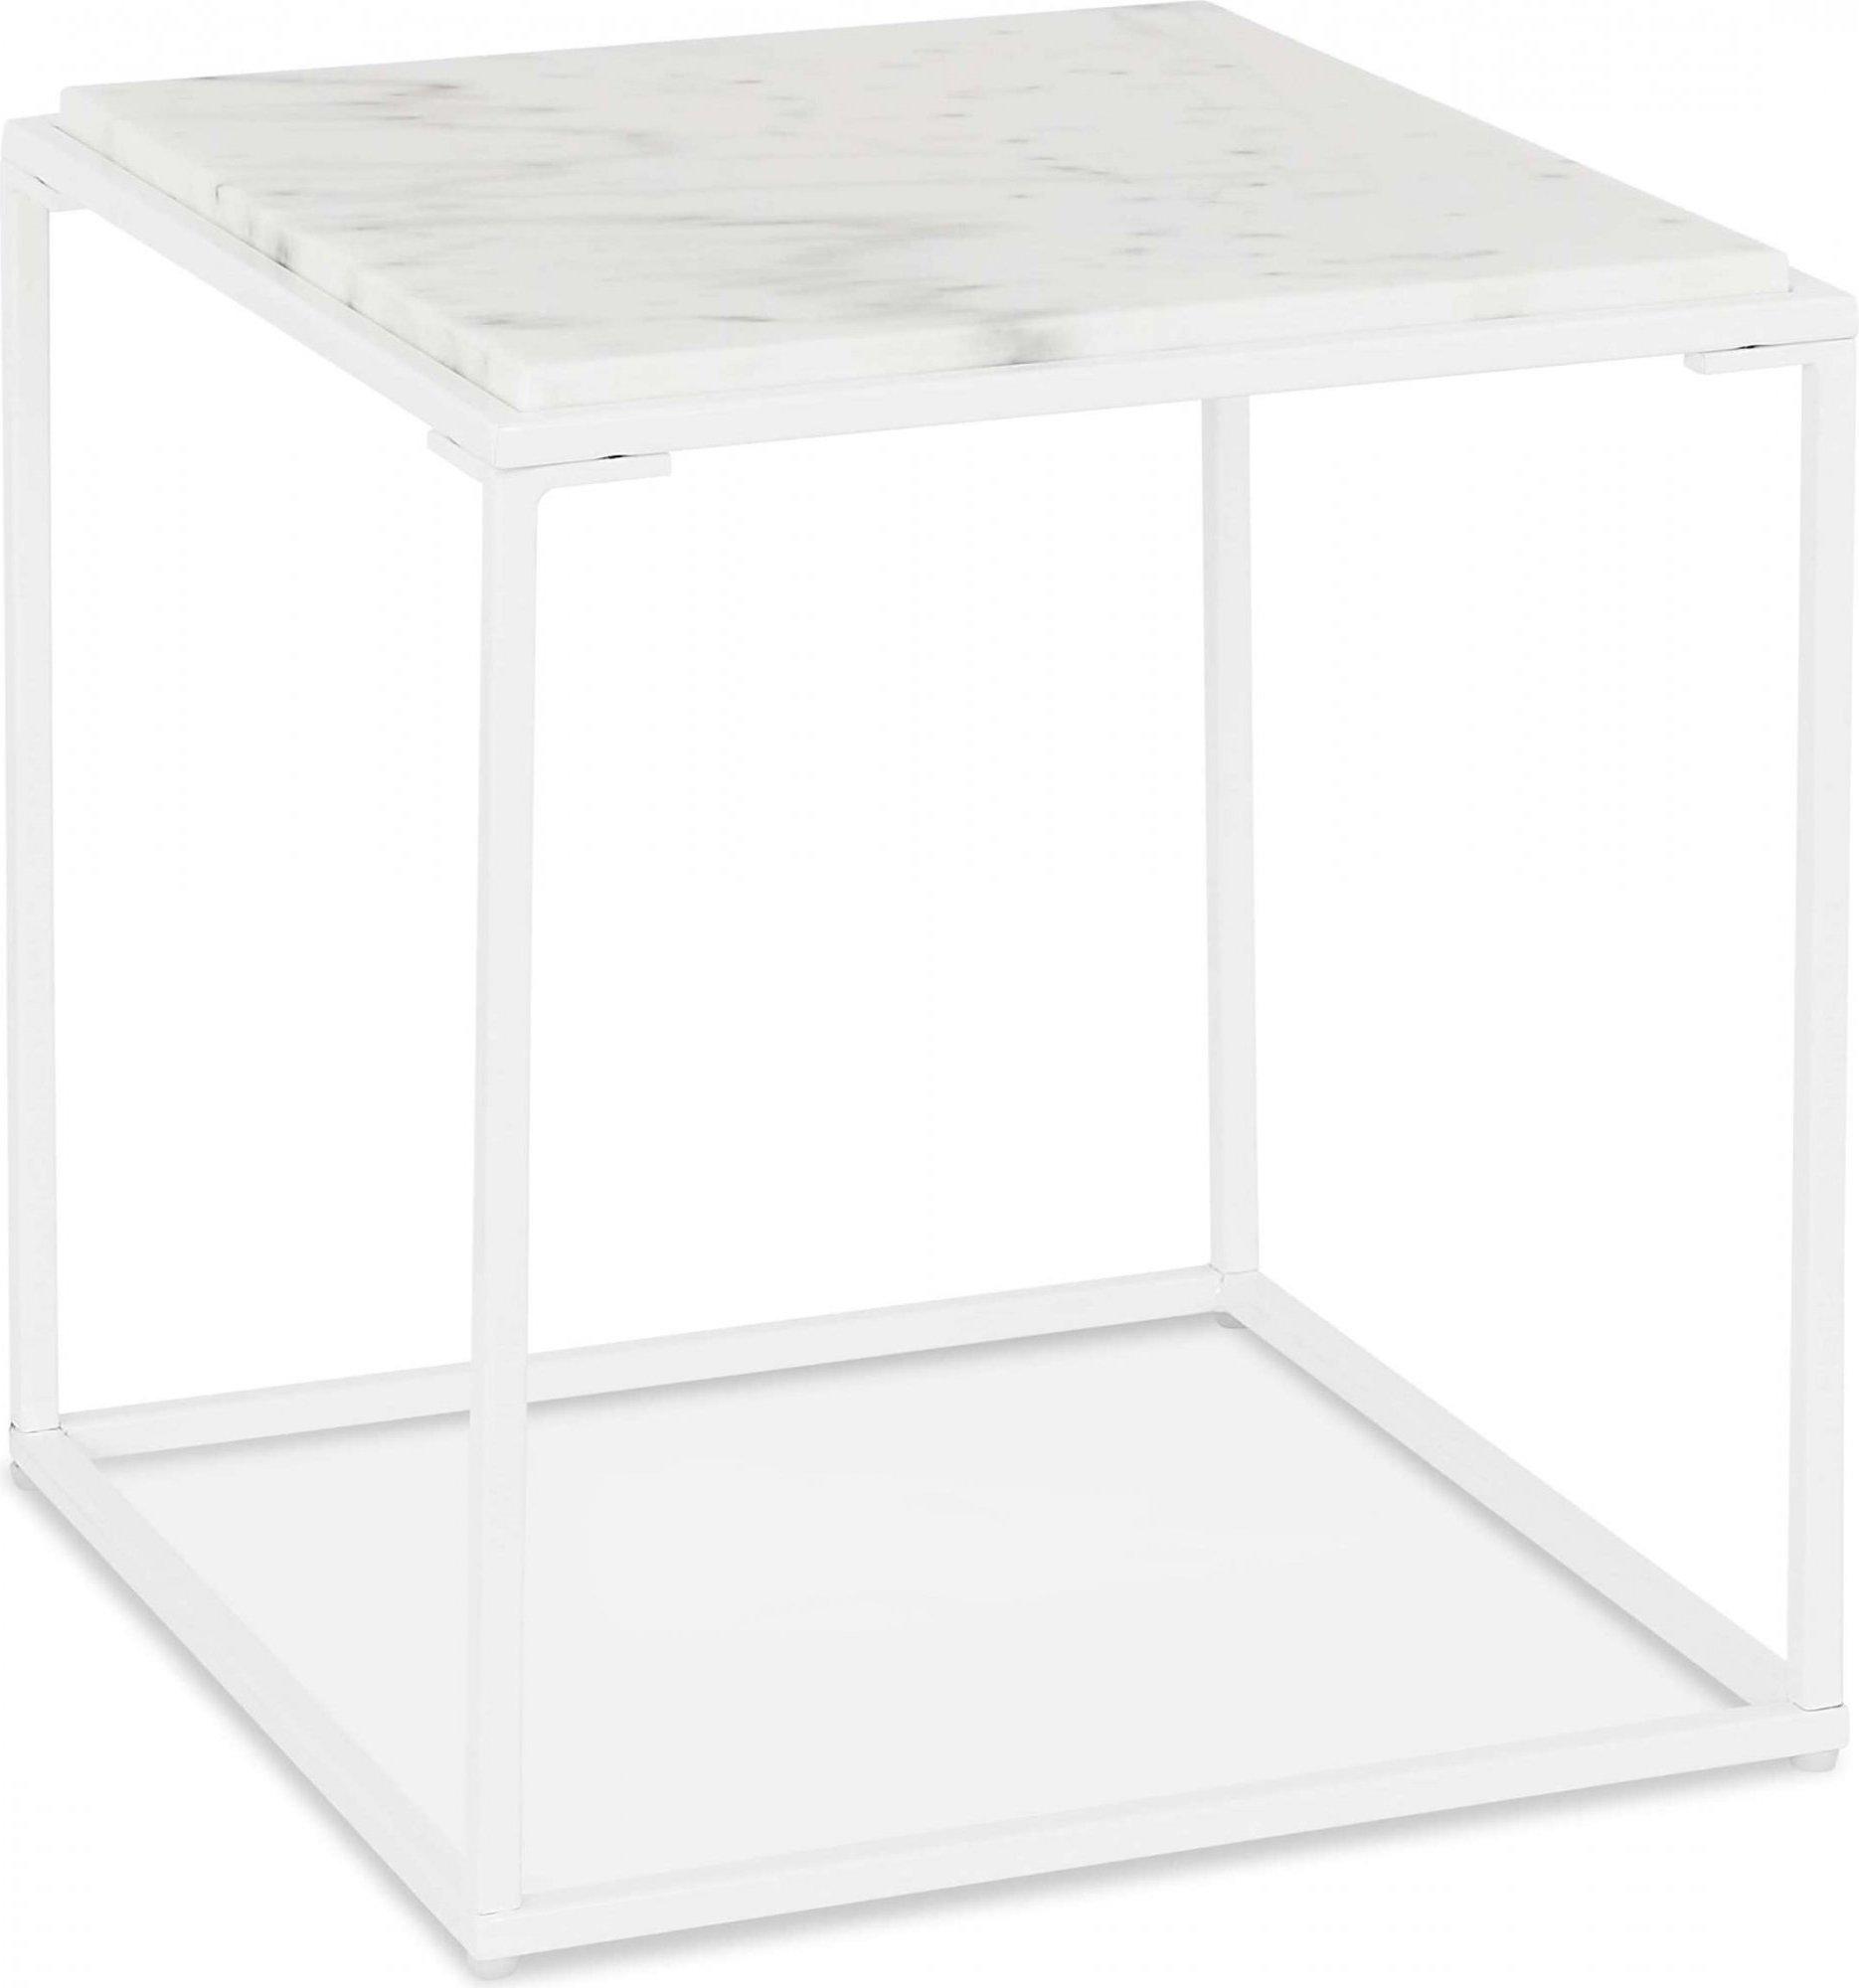 Table basse carrée plateau marbre pieds métal blanc